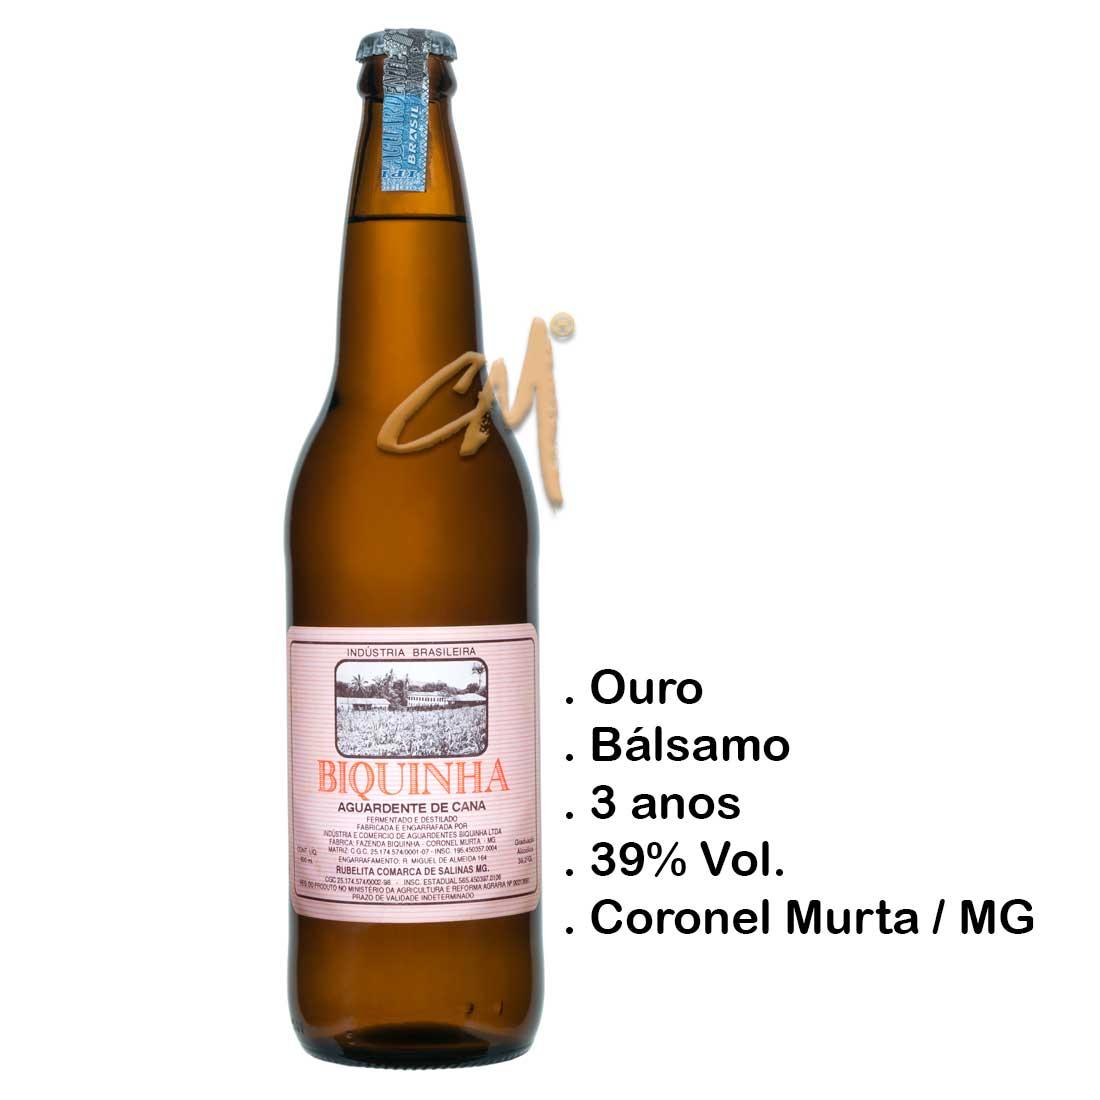 Cachaça Biquinha 600 ml  (Coronel Murta - MG)